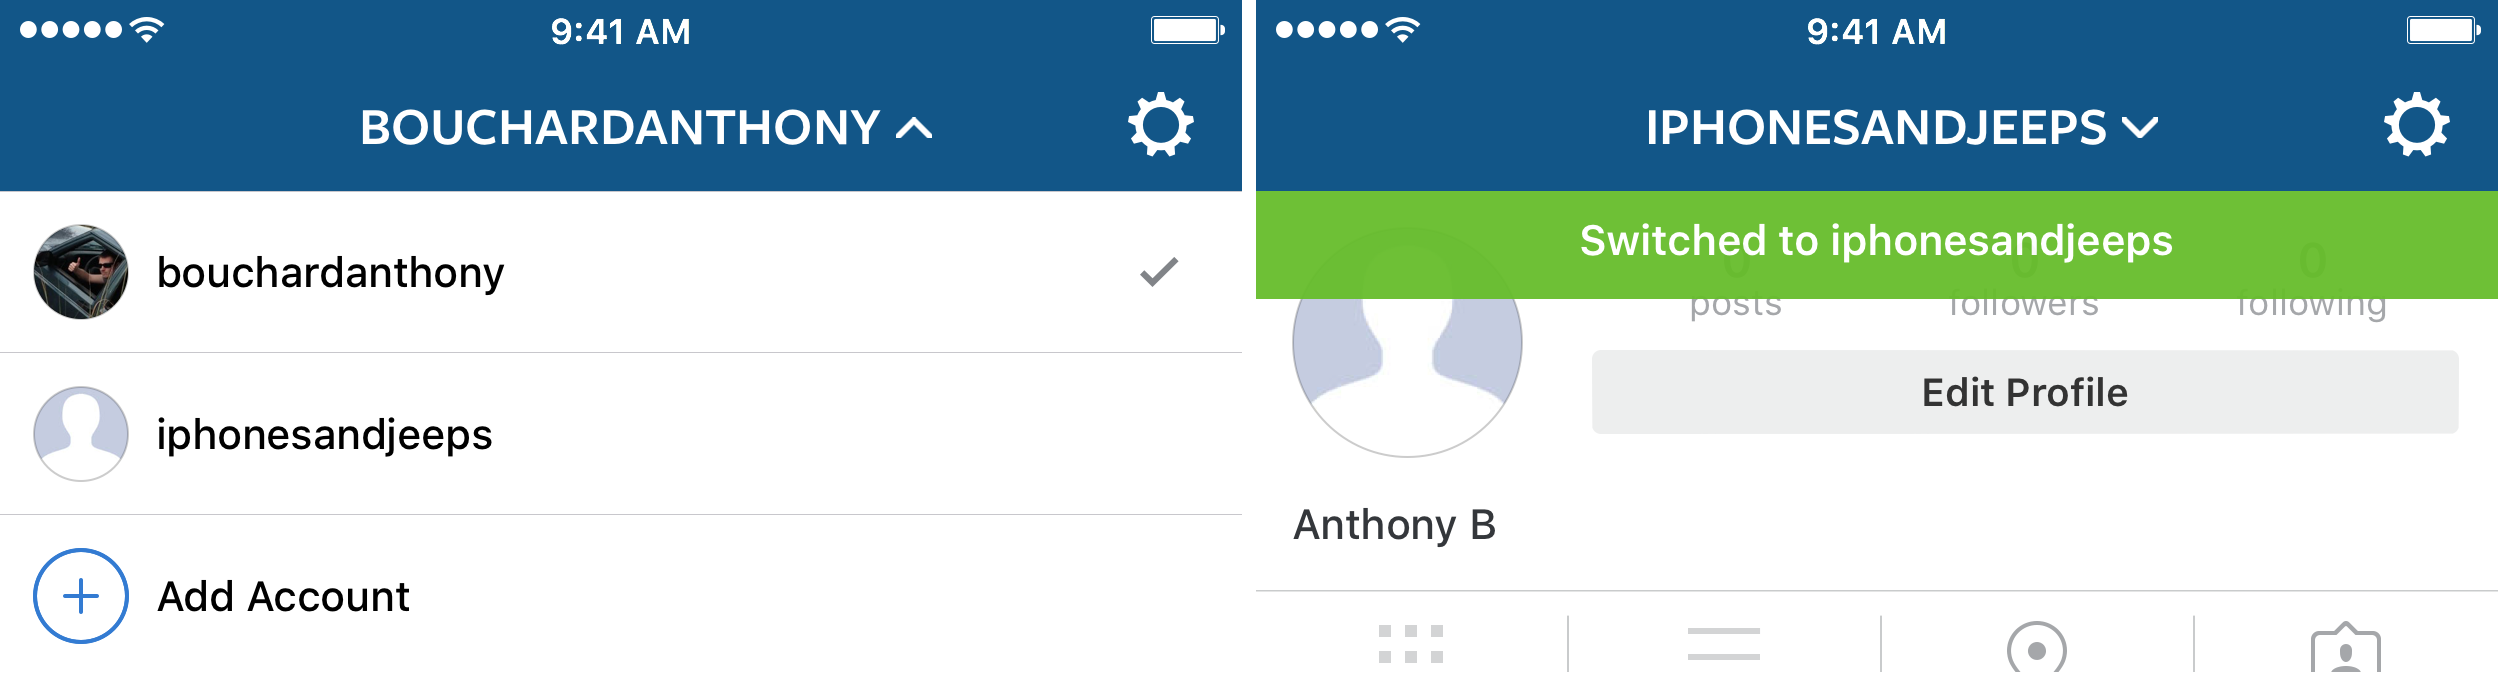 cuenta de instagram que cambia 2